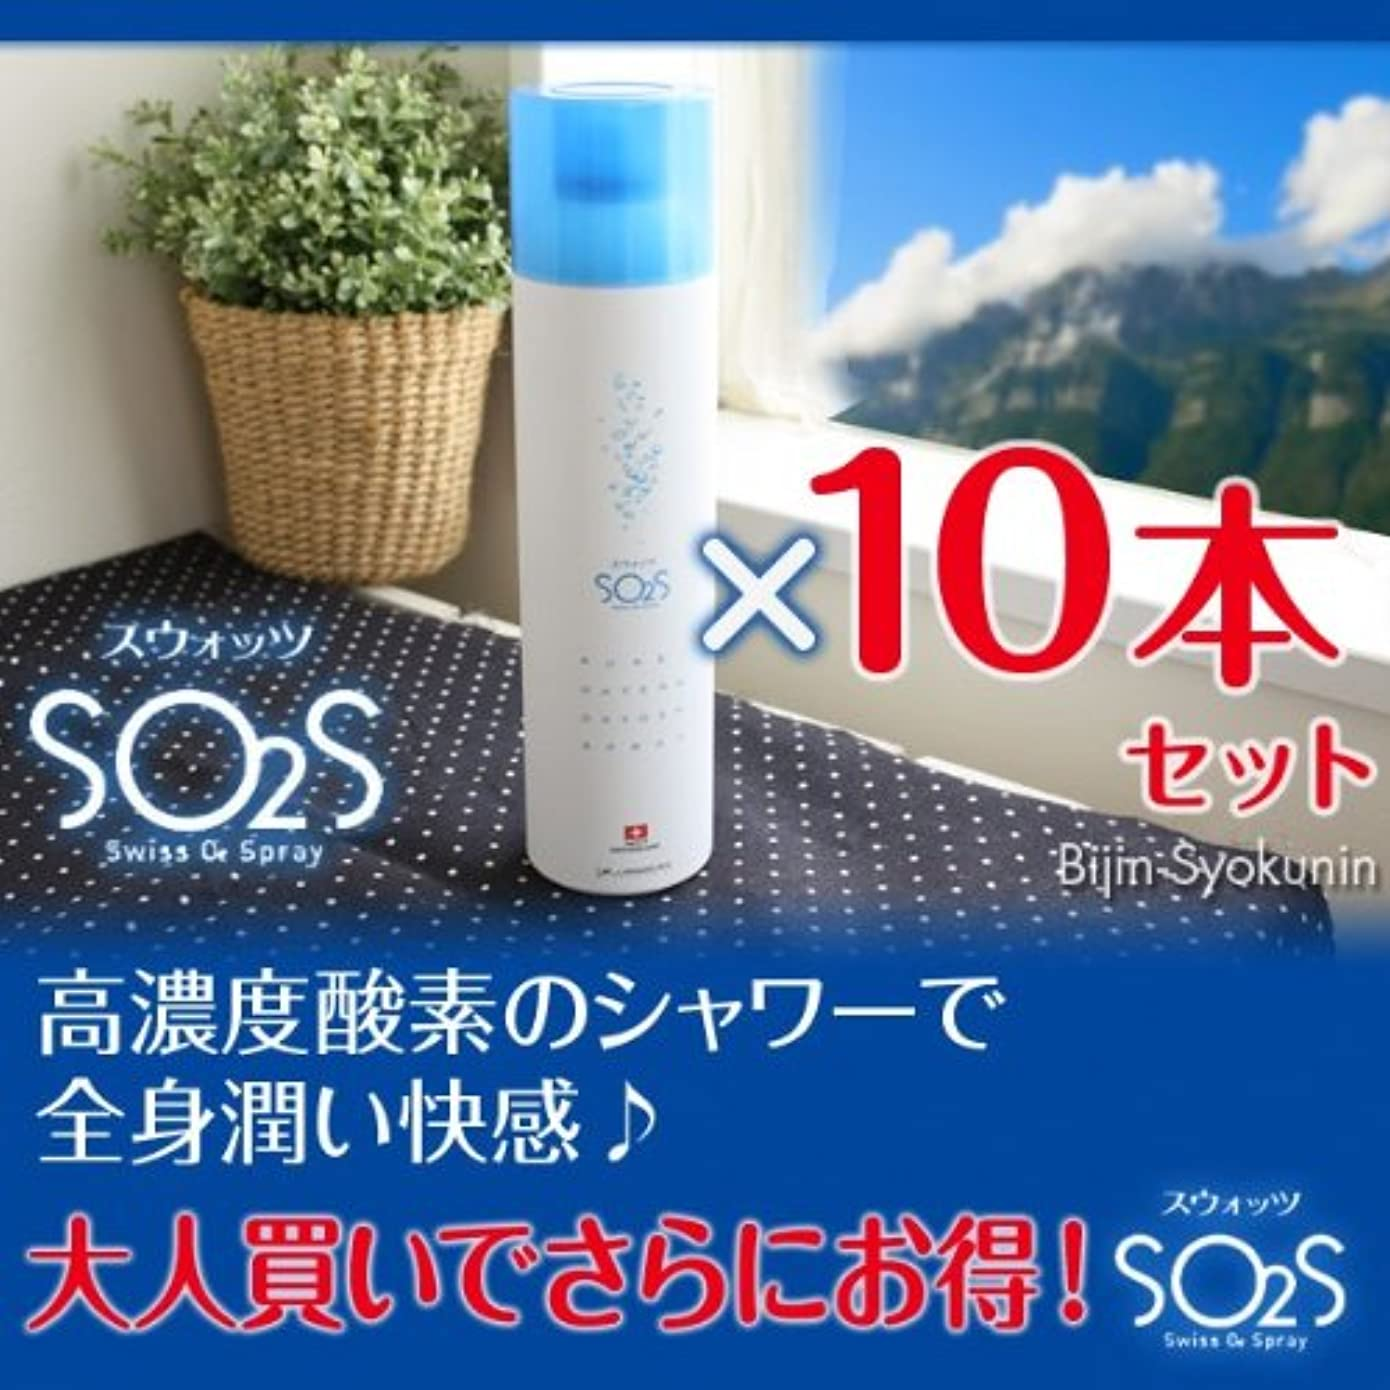 奇跡的なヒョウバクテリアスウォッツ (300ml) 10本セット【SO2S】